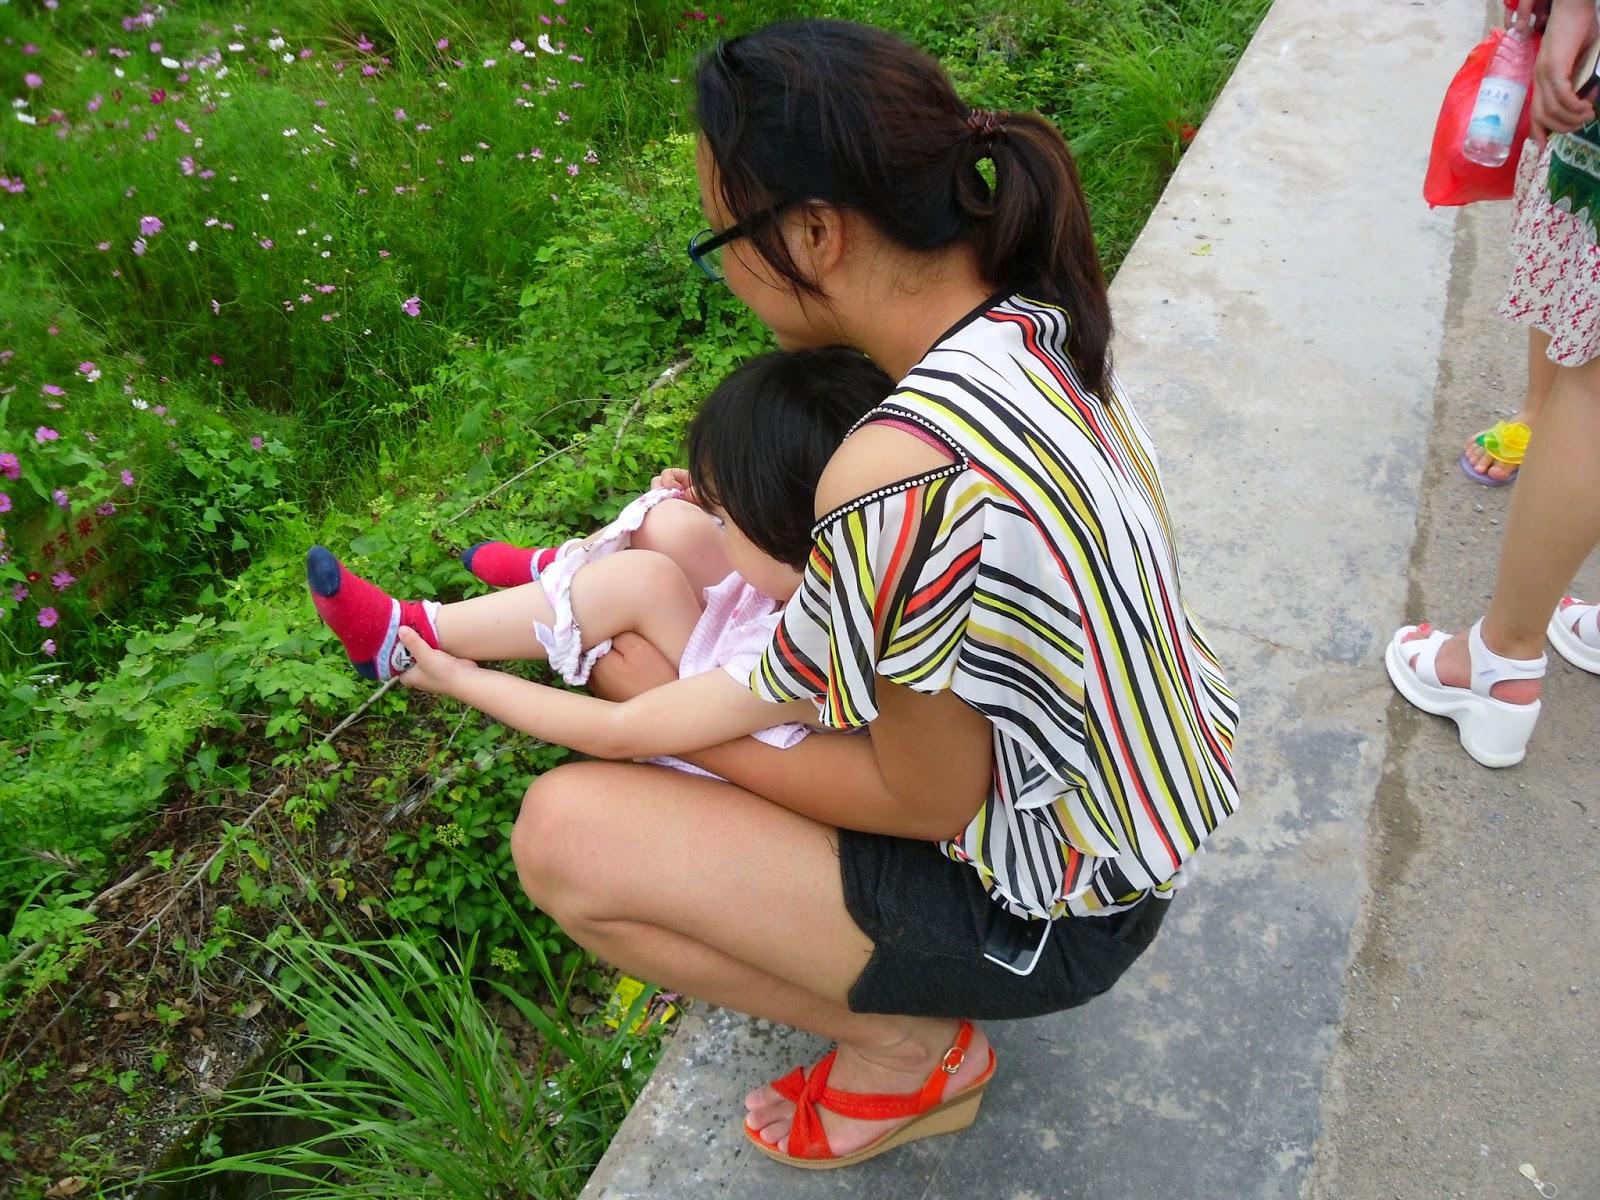 Curiosidades sobre os chineses: criança fazendo xixi na rua